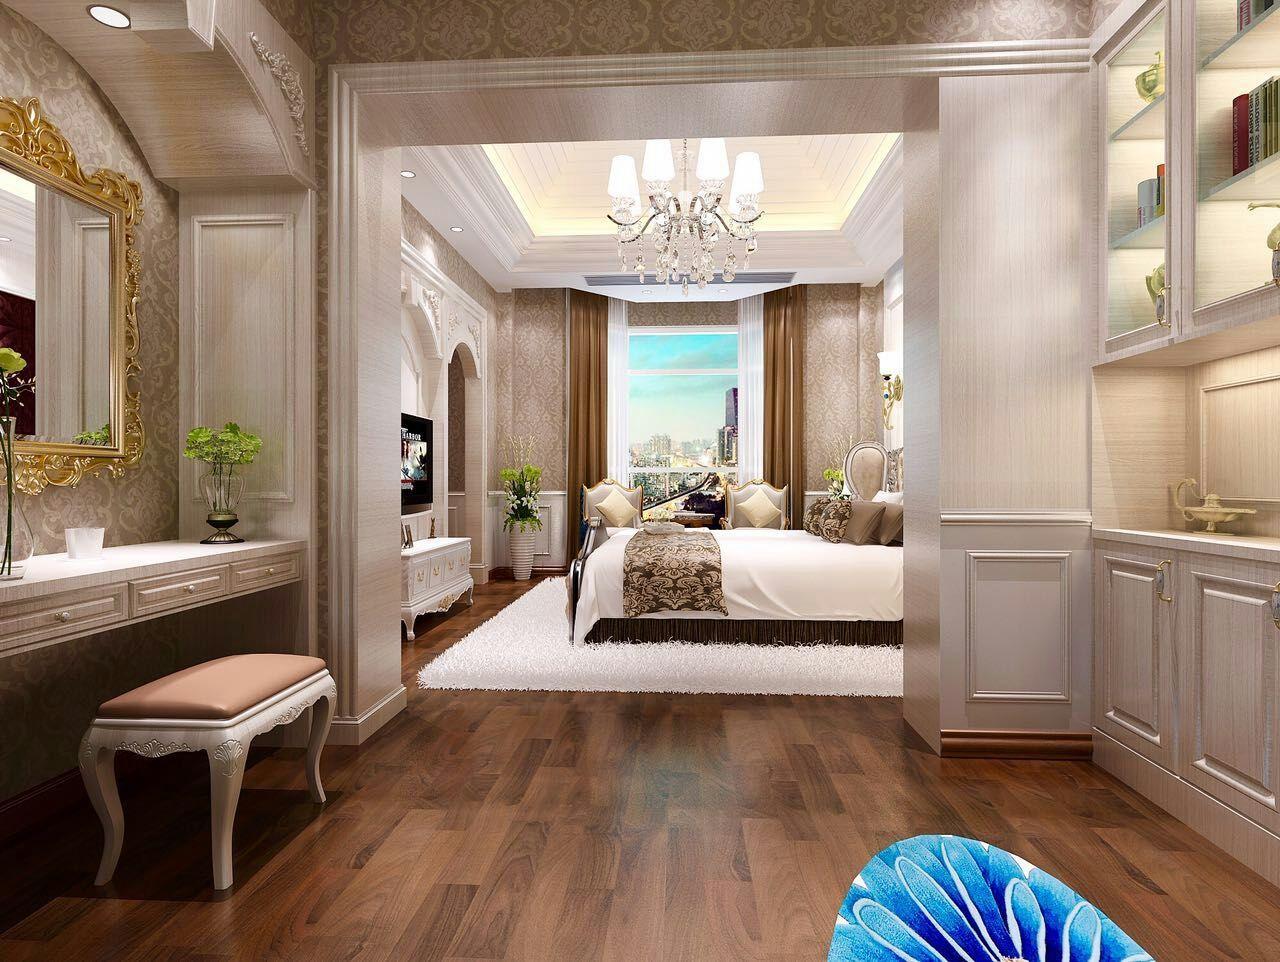 驸马山庄三期玺湖别墅美式风格装修效果图实景图